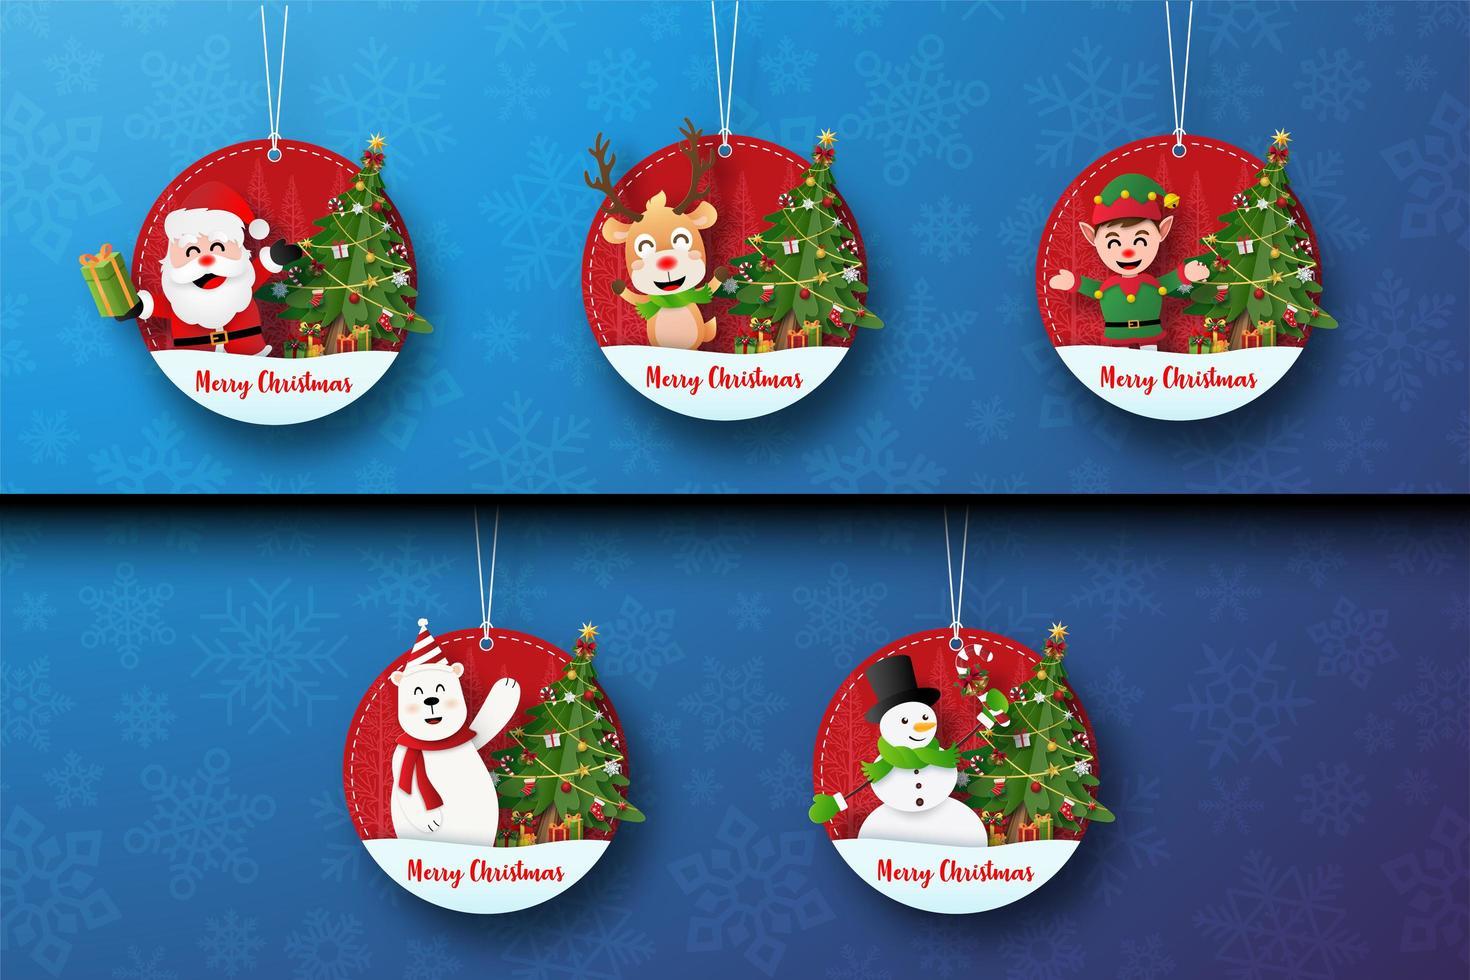 Satz Weihnachtsanhänger mit niedlichen Weihnachtsfiguren vektor